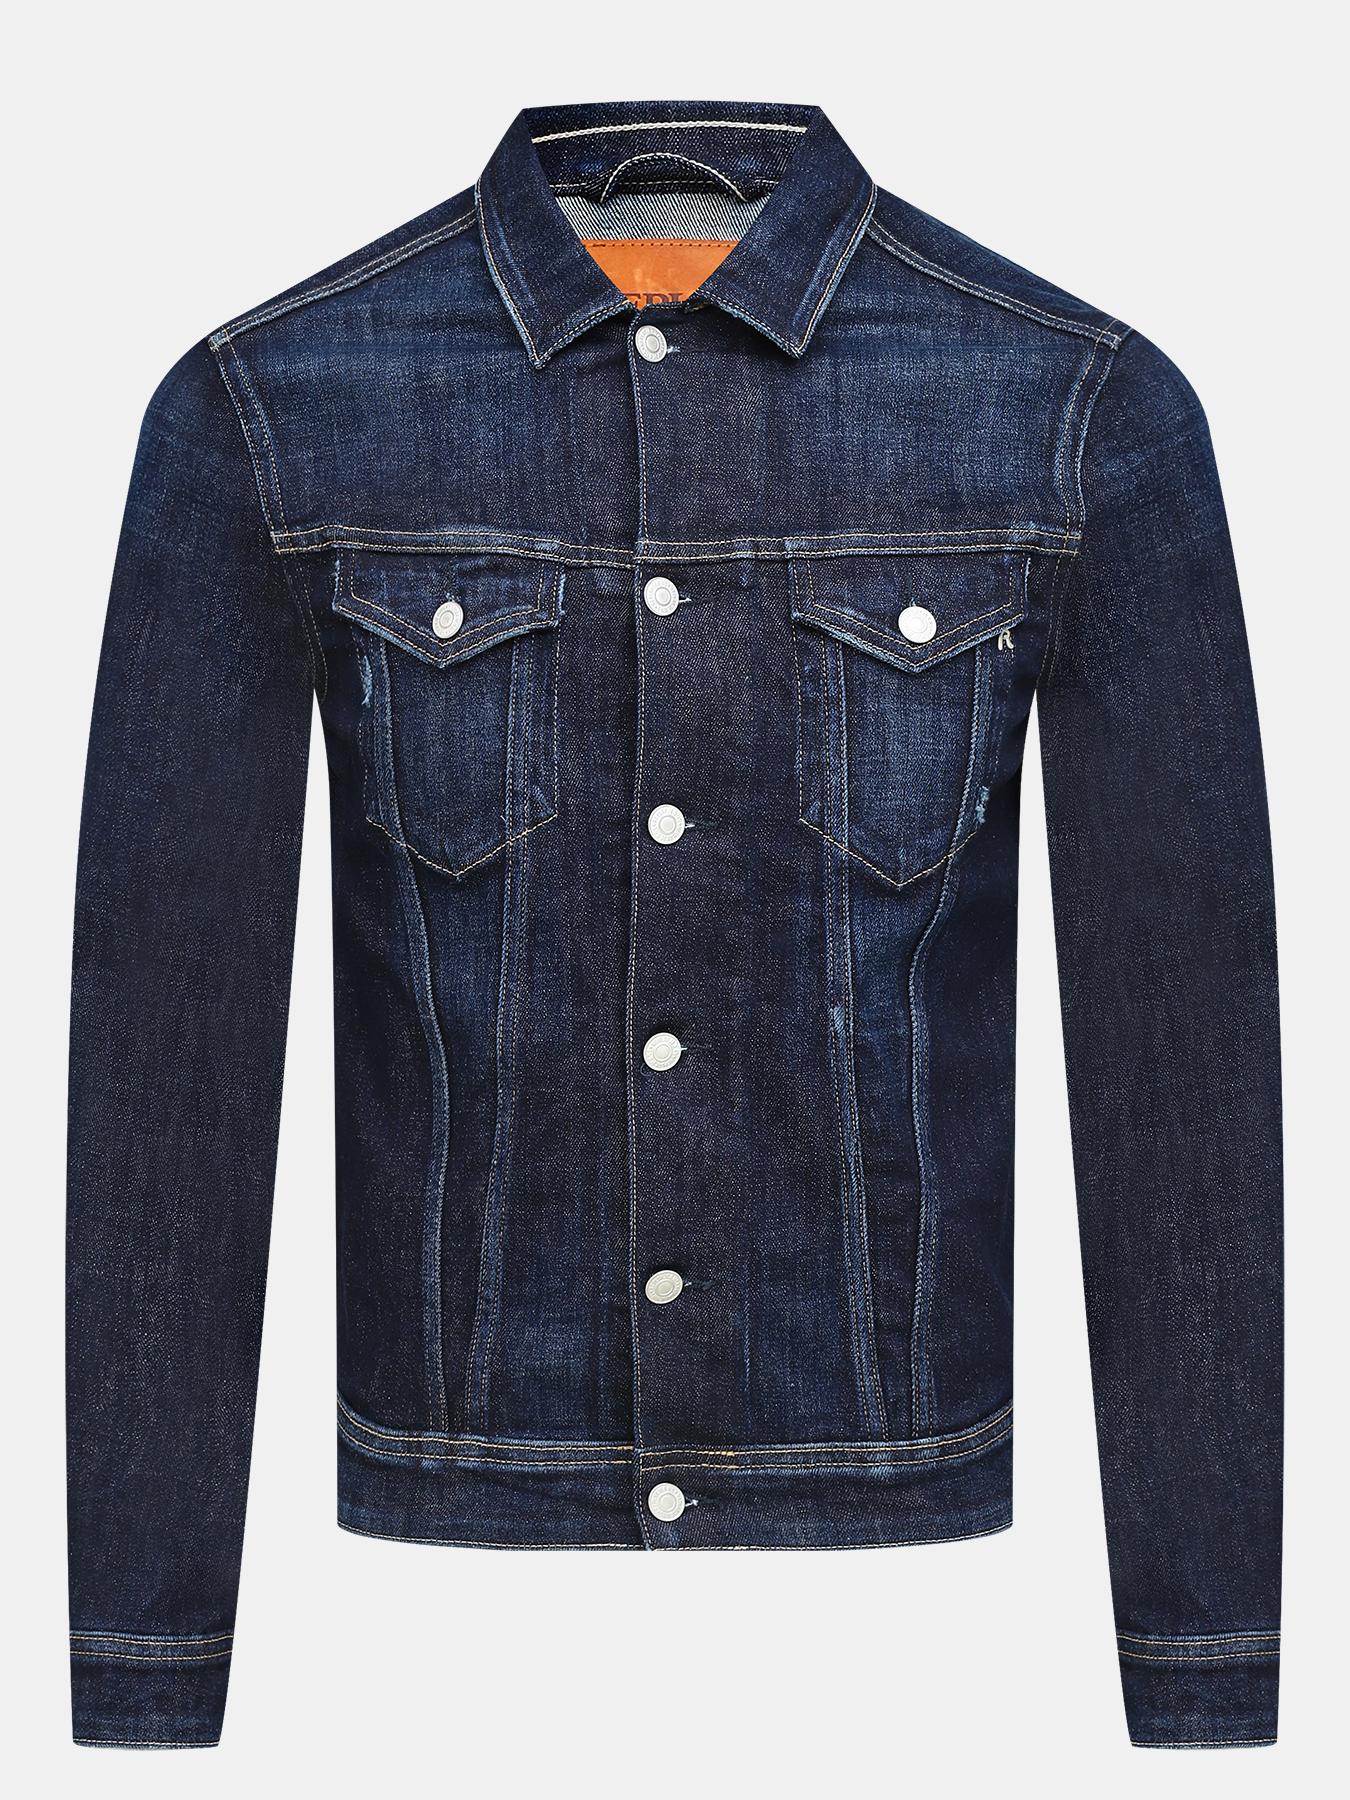 Джинсовые куртки REPLAY Джинсовая куртка фото